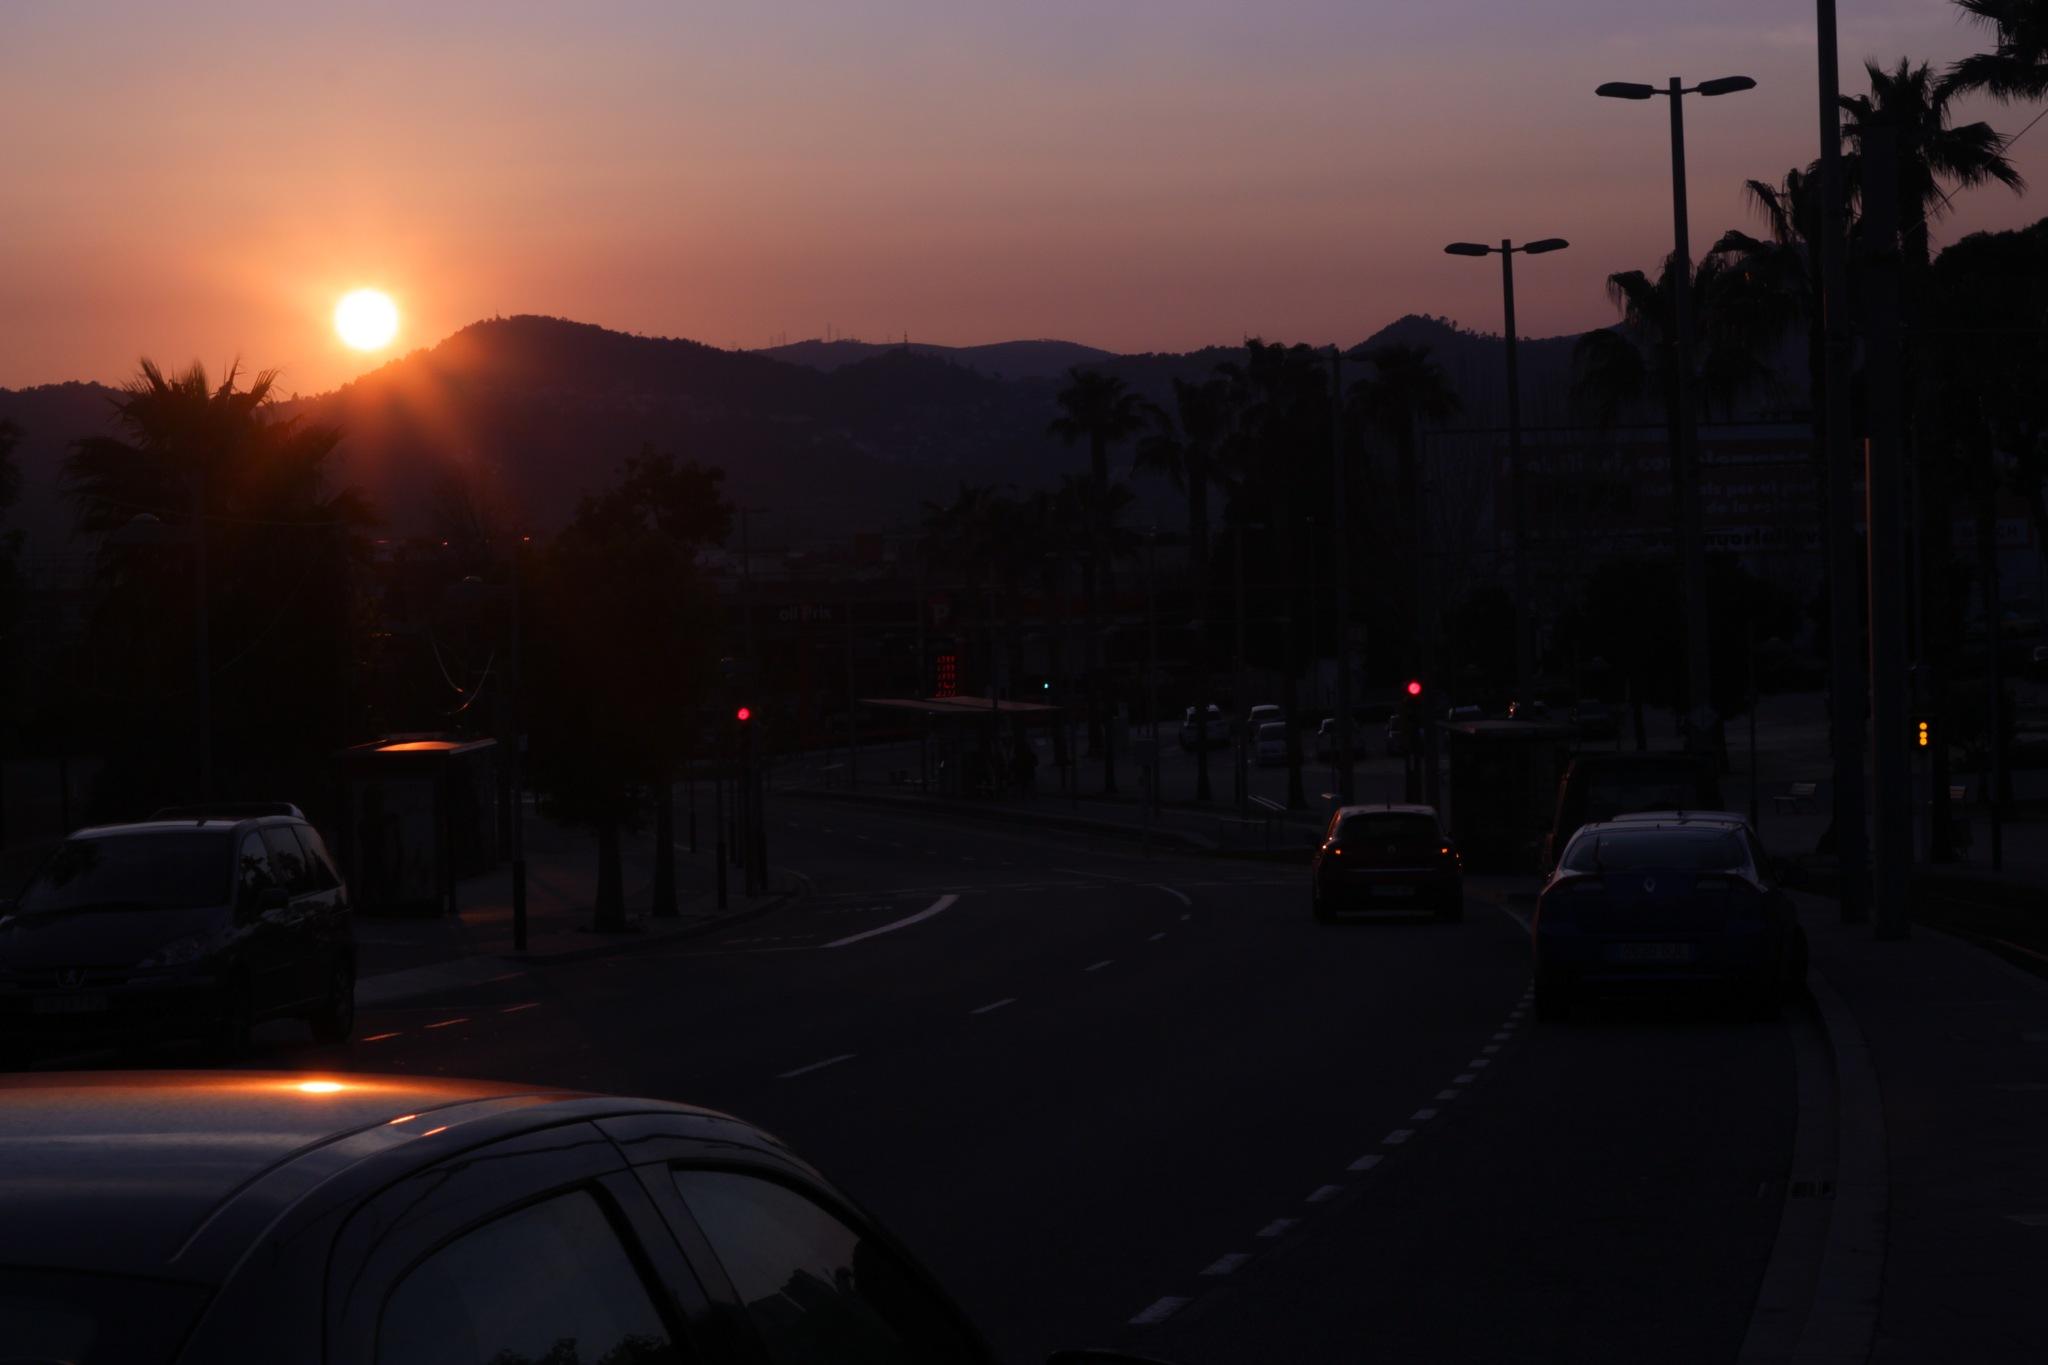 sunset by Patrícia Šťastná